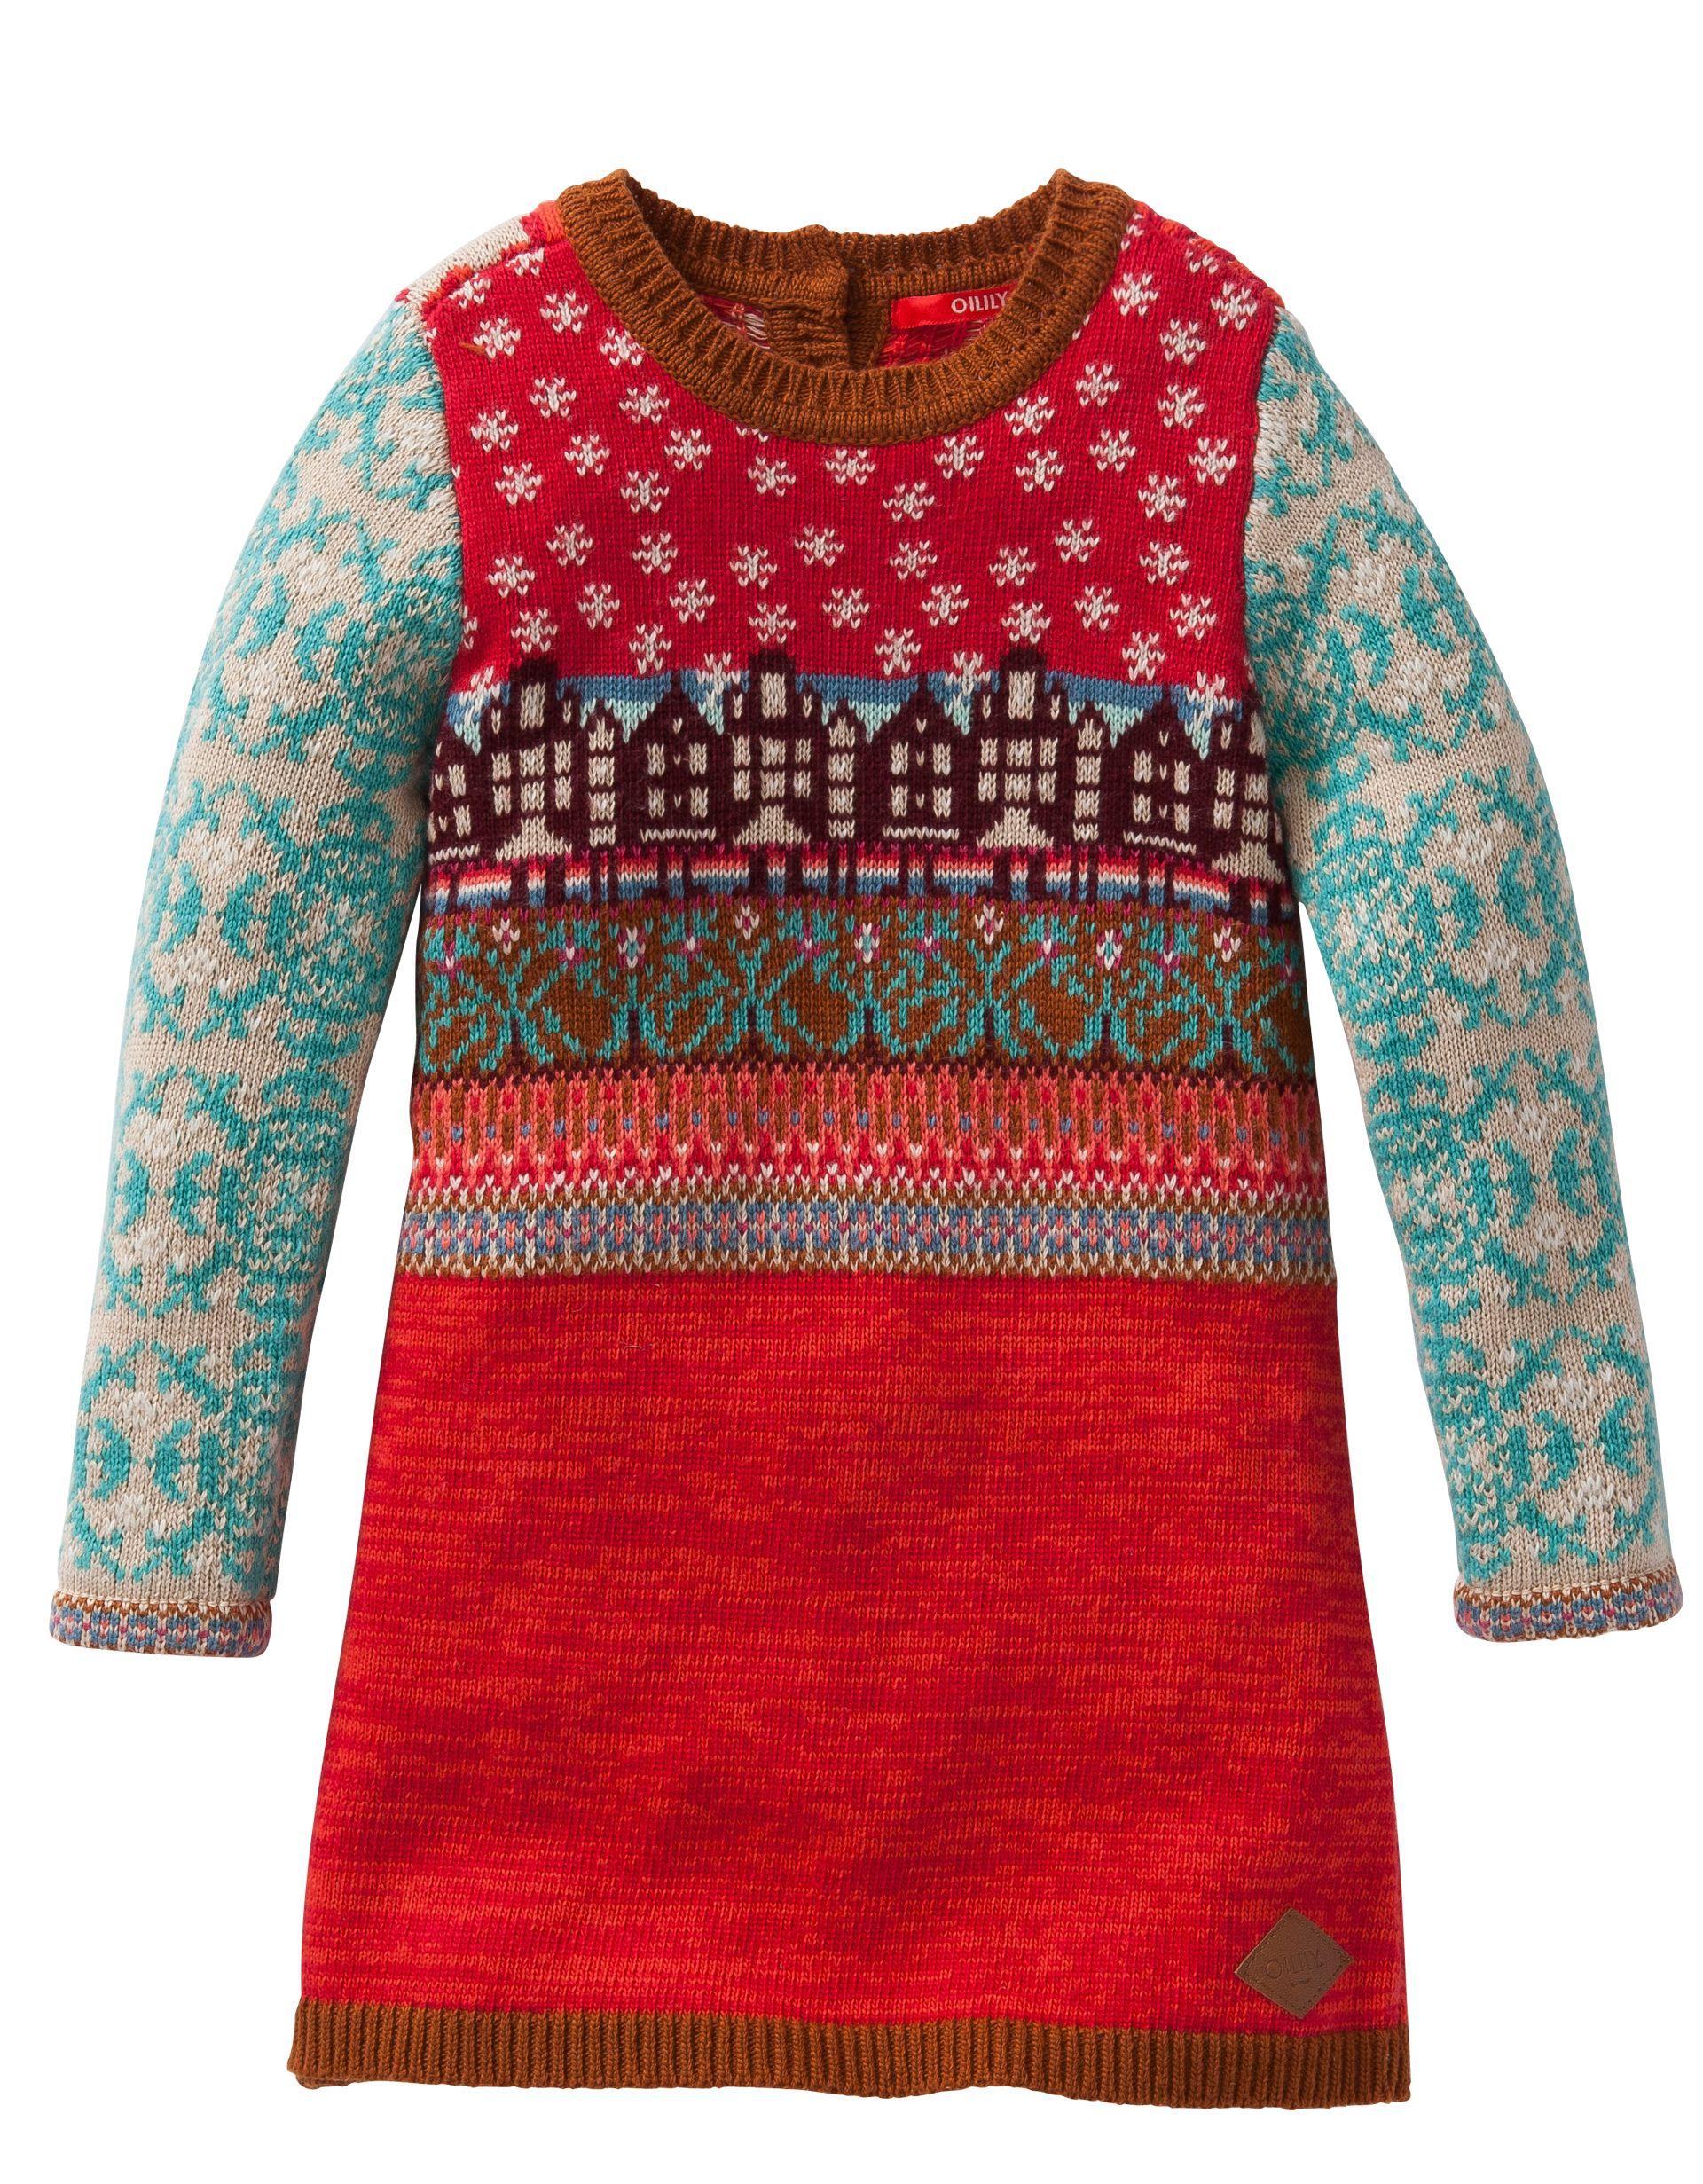 OILILY Children s Wear Fall Winter 2015 Dress Kasja